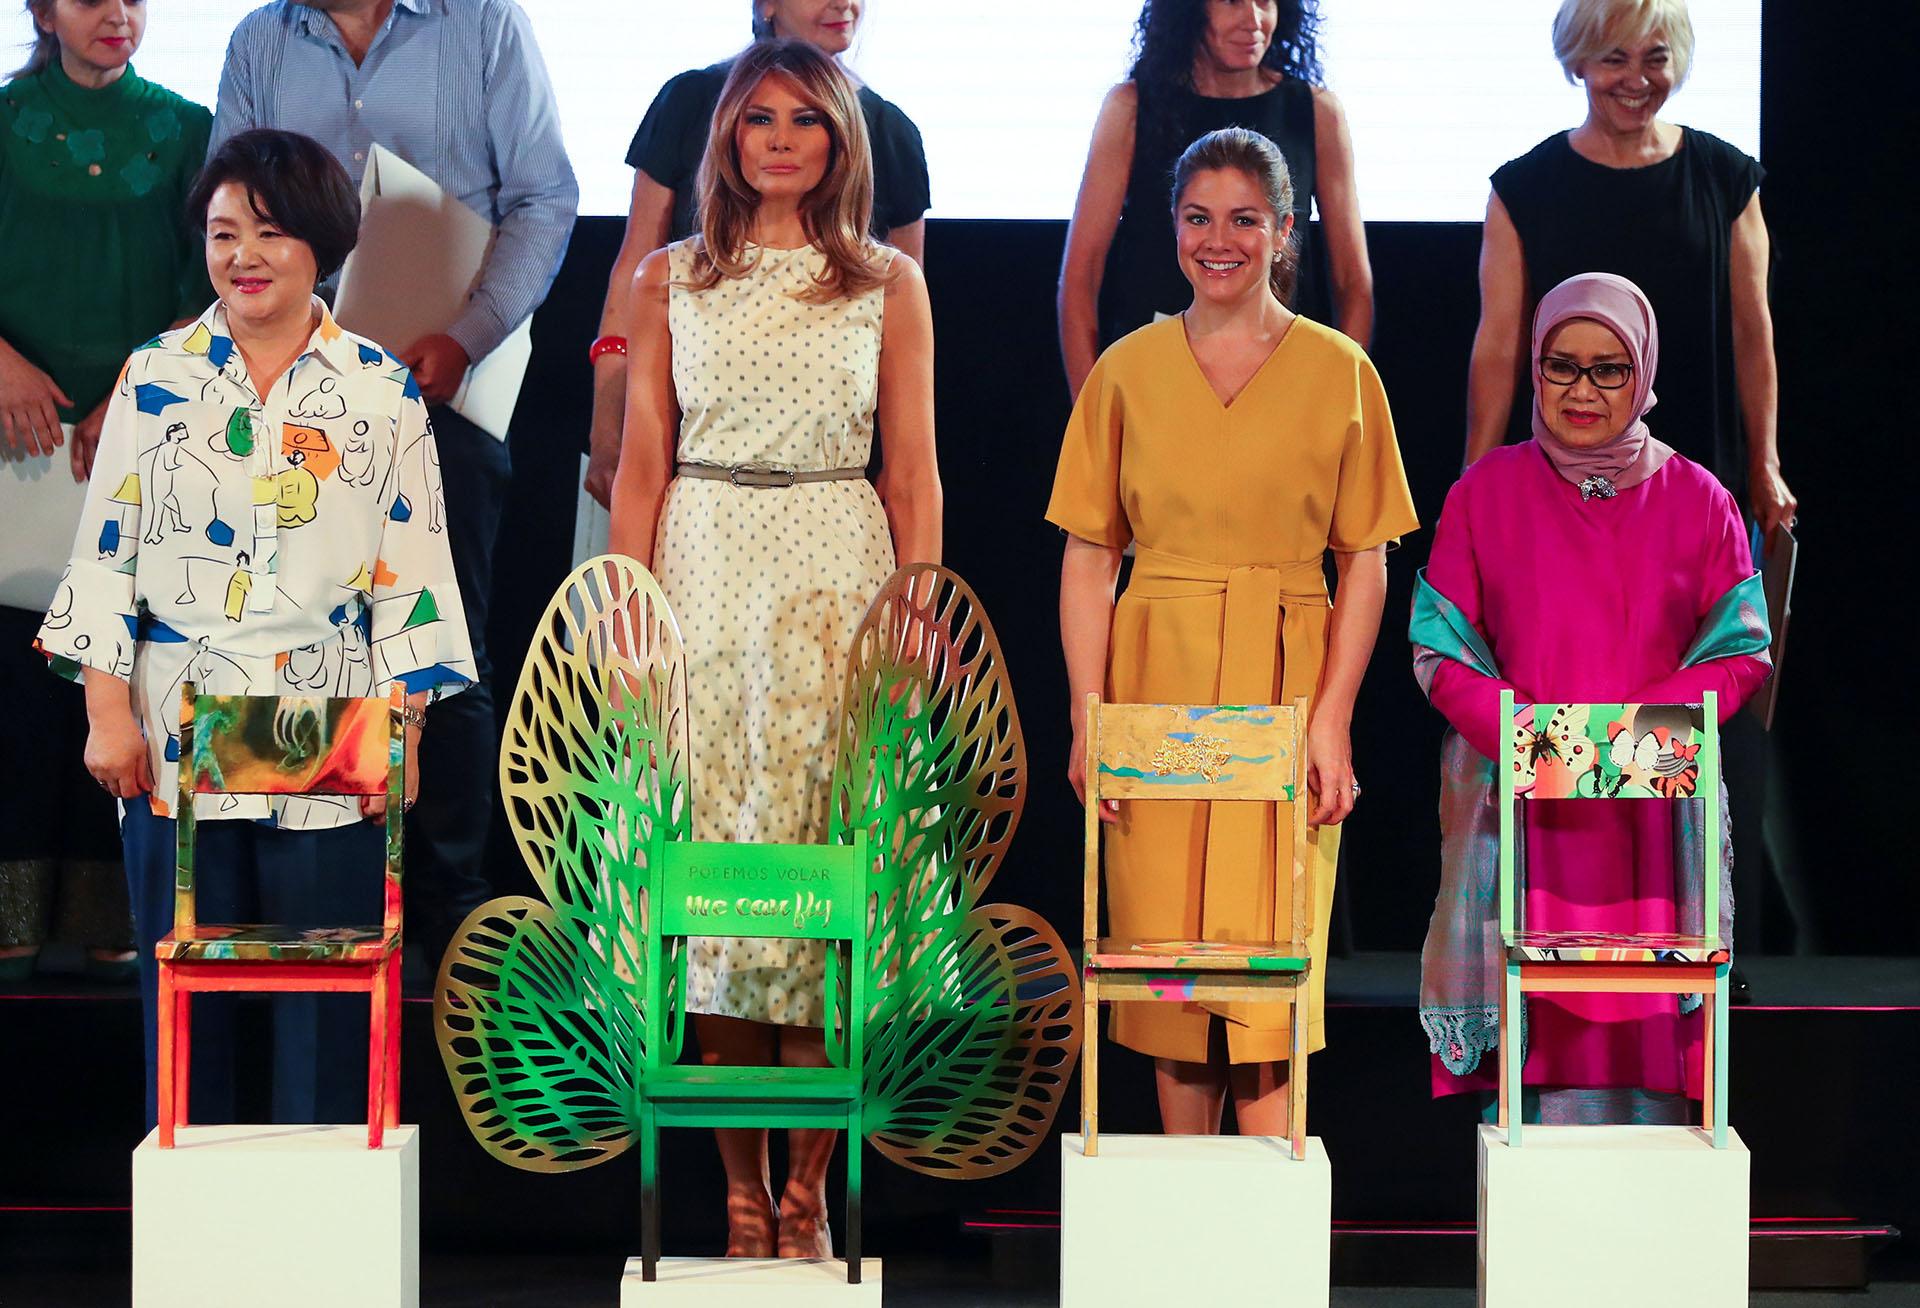 Las primeras damas junto a las obras de arte que Awada les exhibió durante la visita en el Malba. Son sillas intervenidas por artistas.